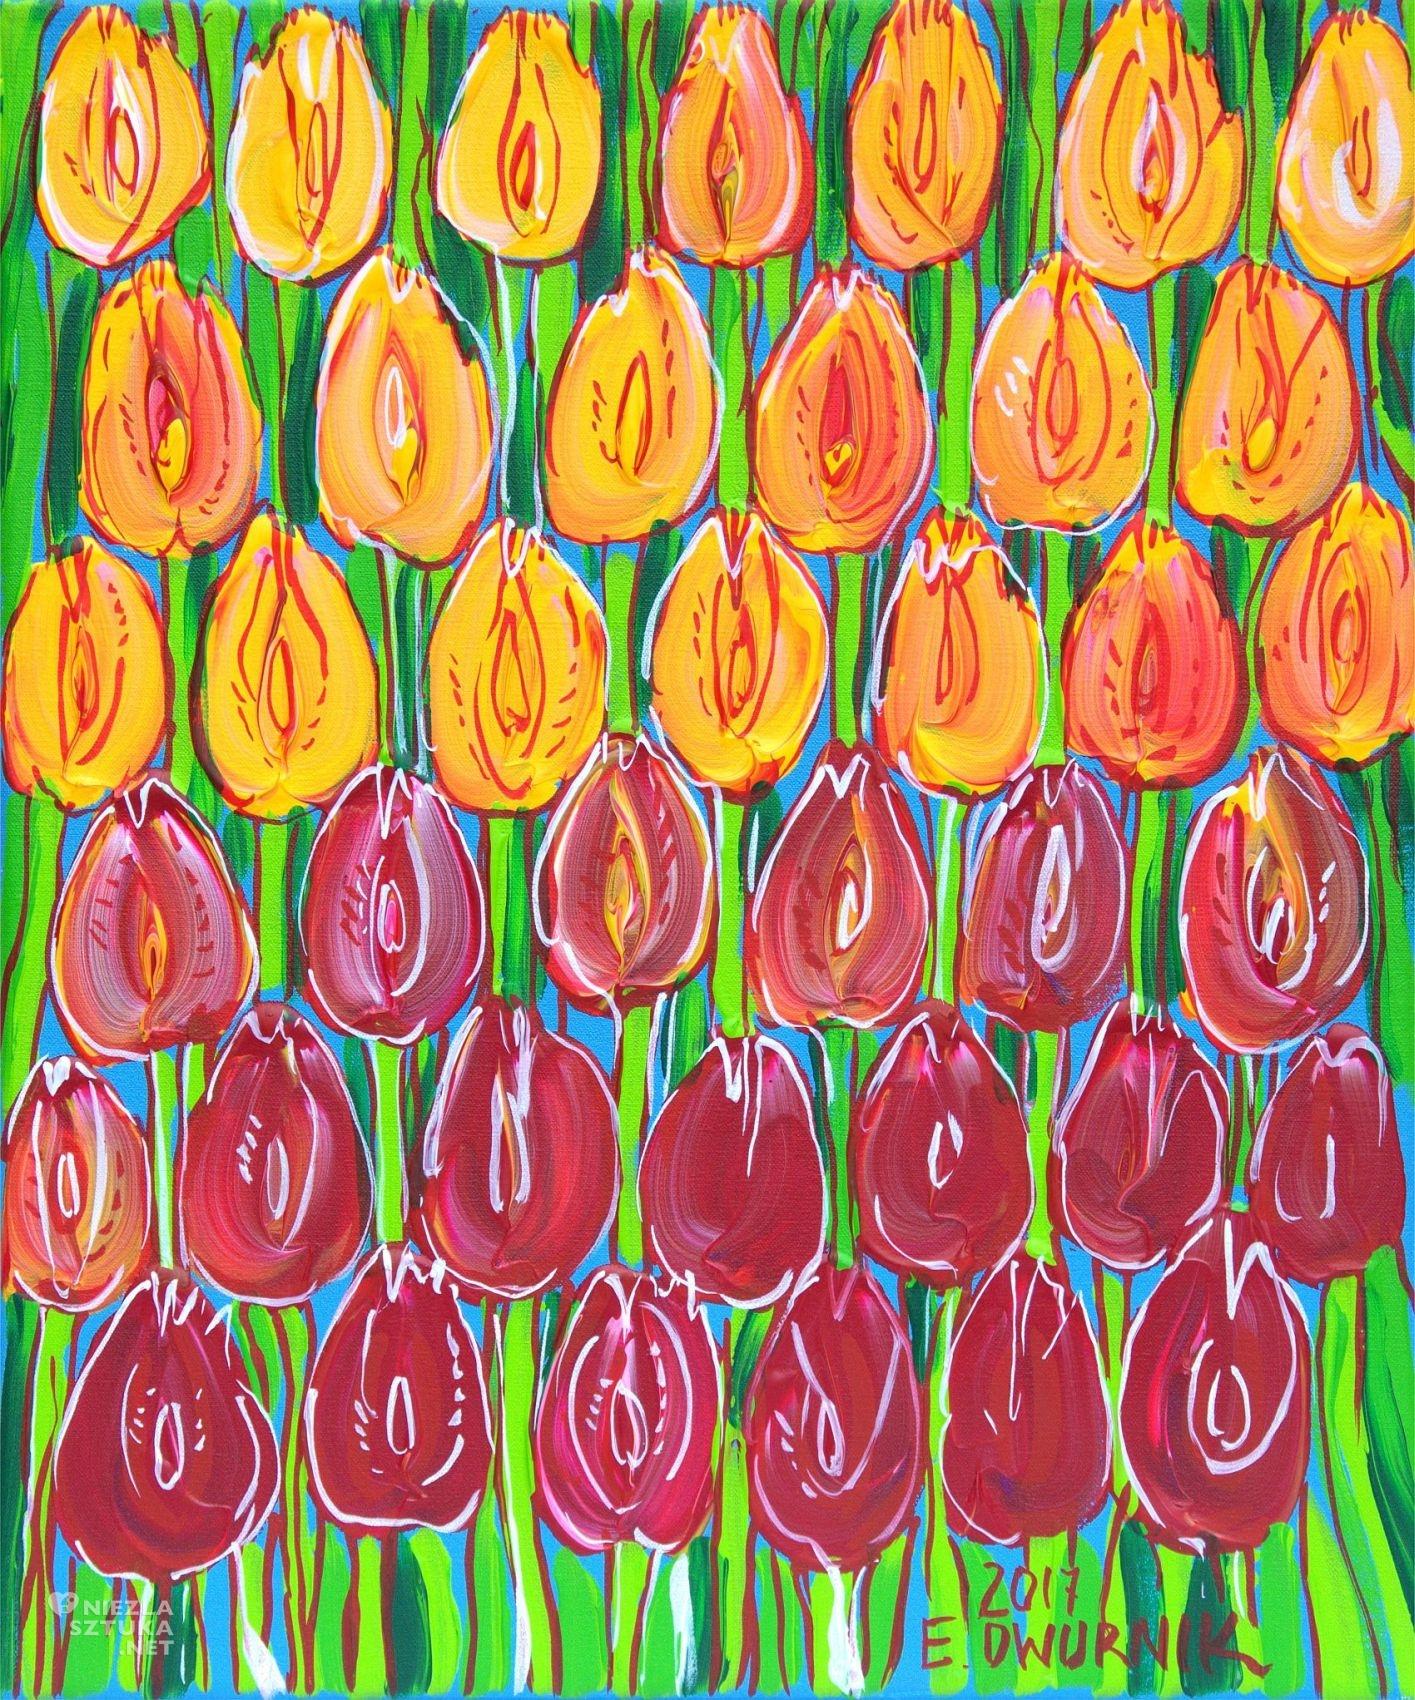 Edward Dwurnik tulipany, sztuka polska, malarz polski, niezła sztuka